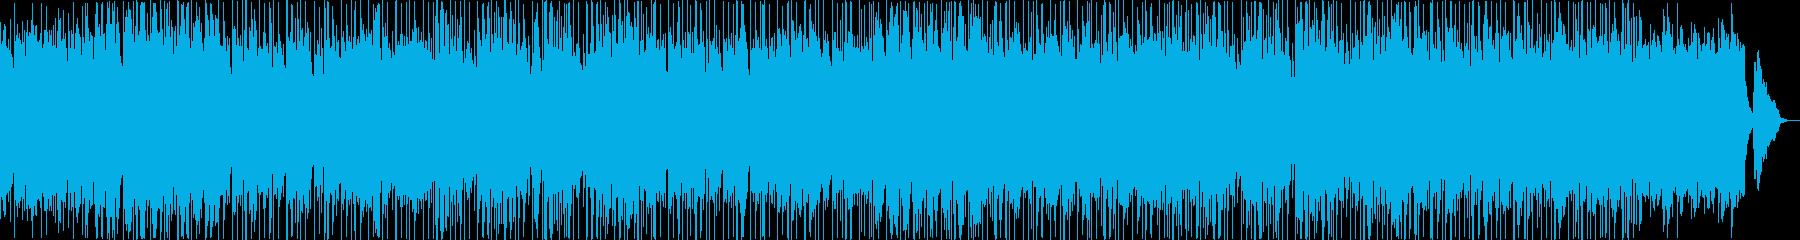 落ち着く中にも軽い高揚感がある曲の再生済みの波形